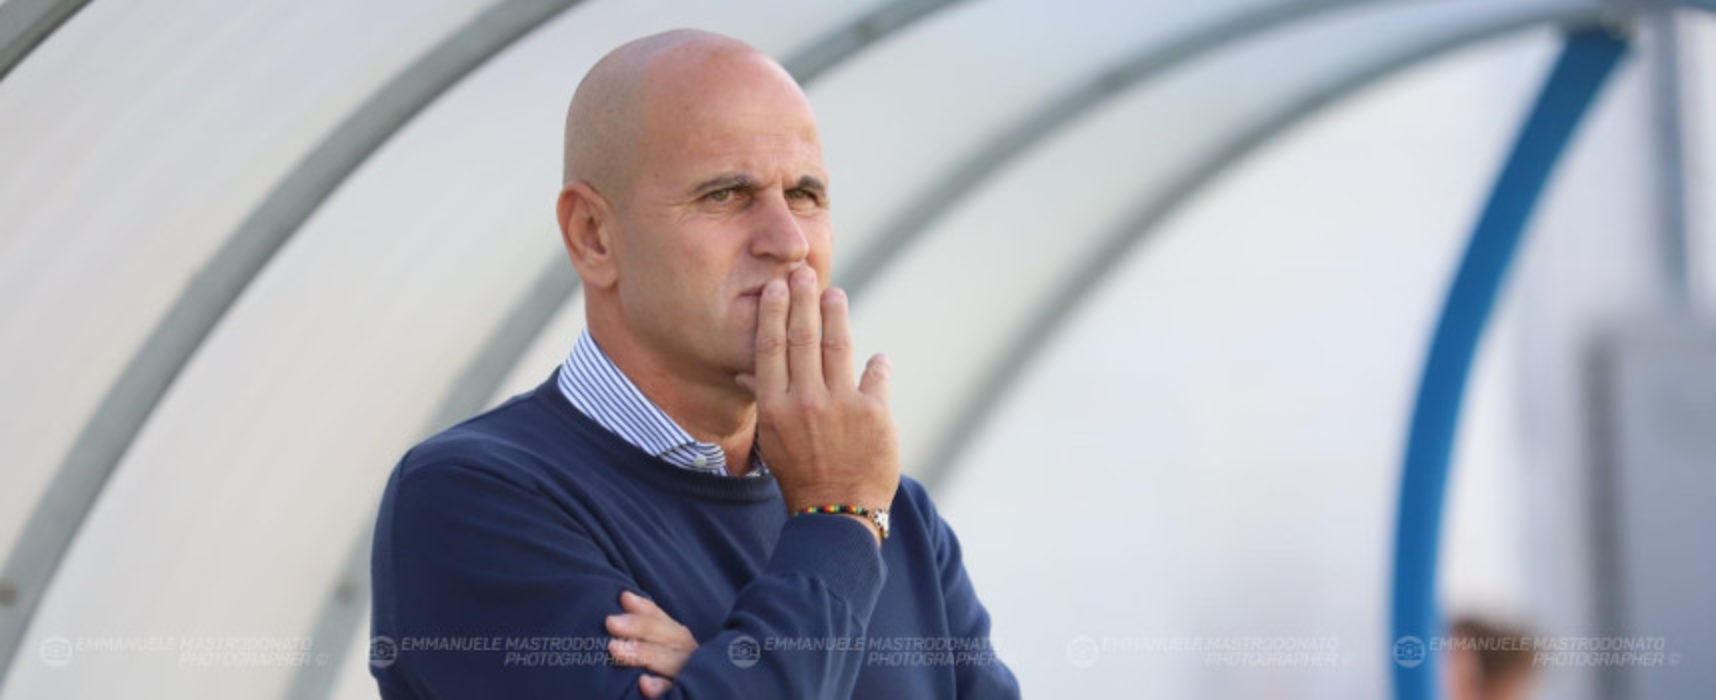 """È tempo di esordio per il Bisceglie Calcio, Bucaro: """"Superare difficoltà con carattere"""""""